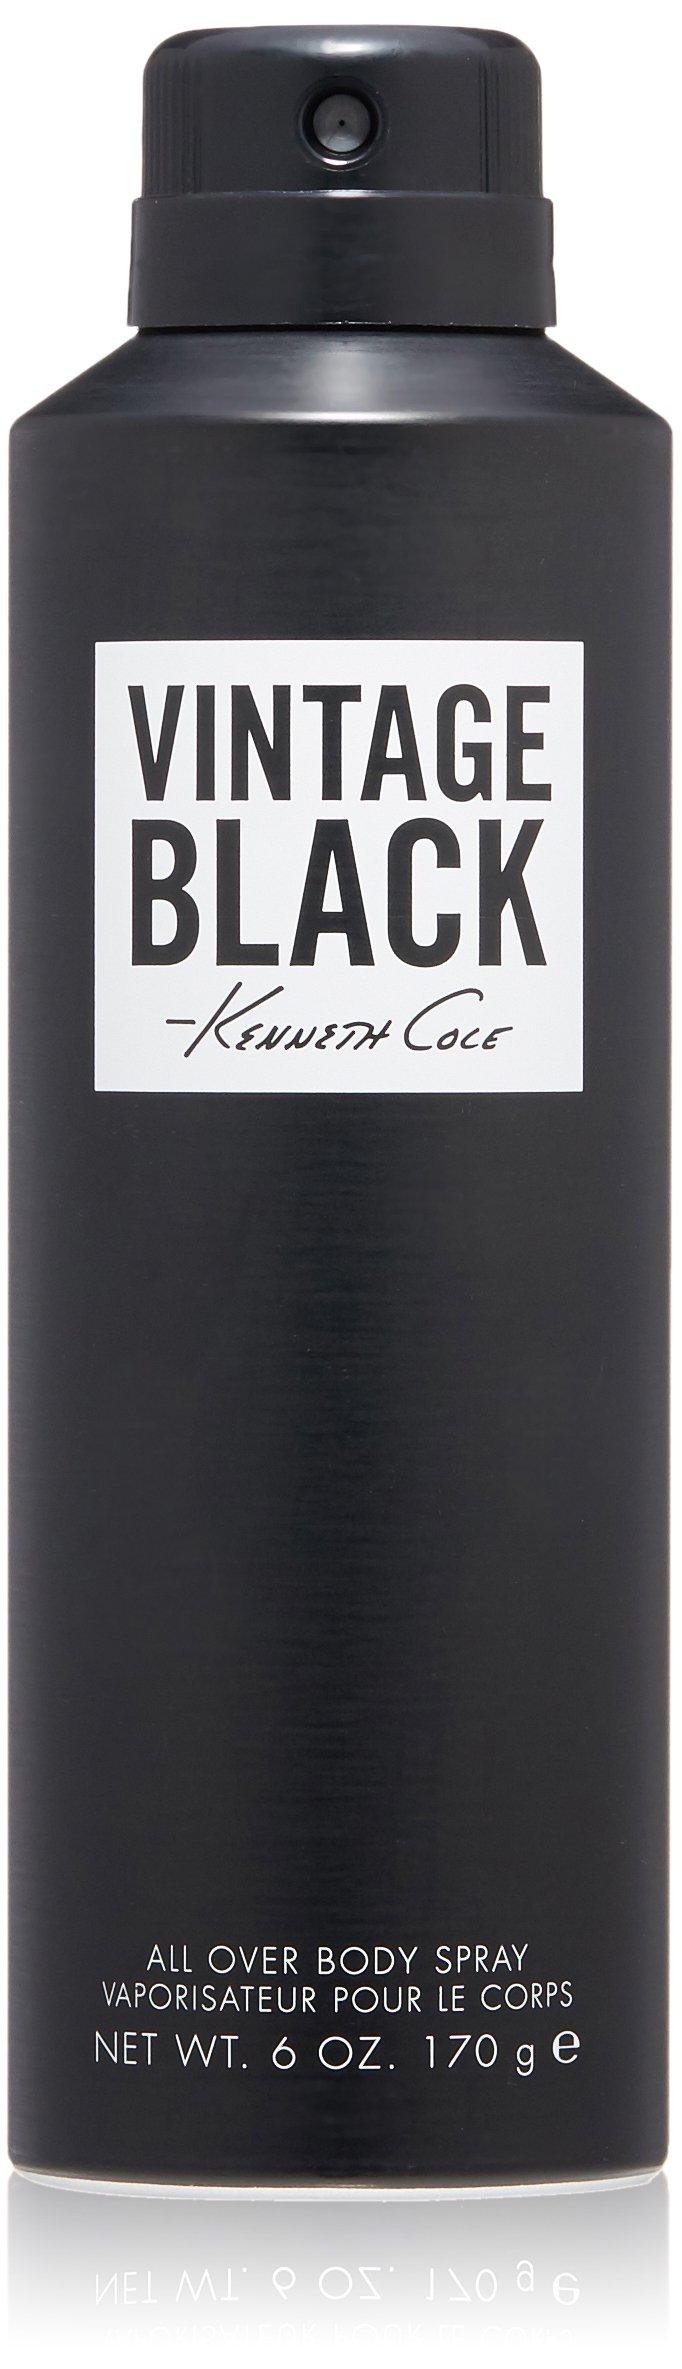 Kenneth Cole Vintage Black Body Spray 6.0 Fl Oz by Kenneth Cole